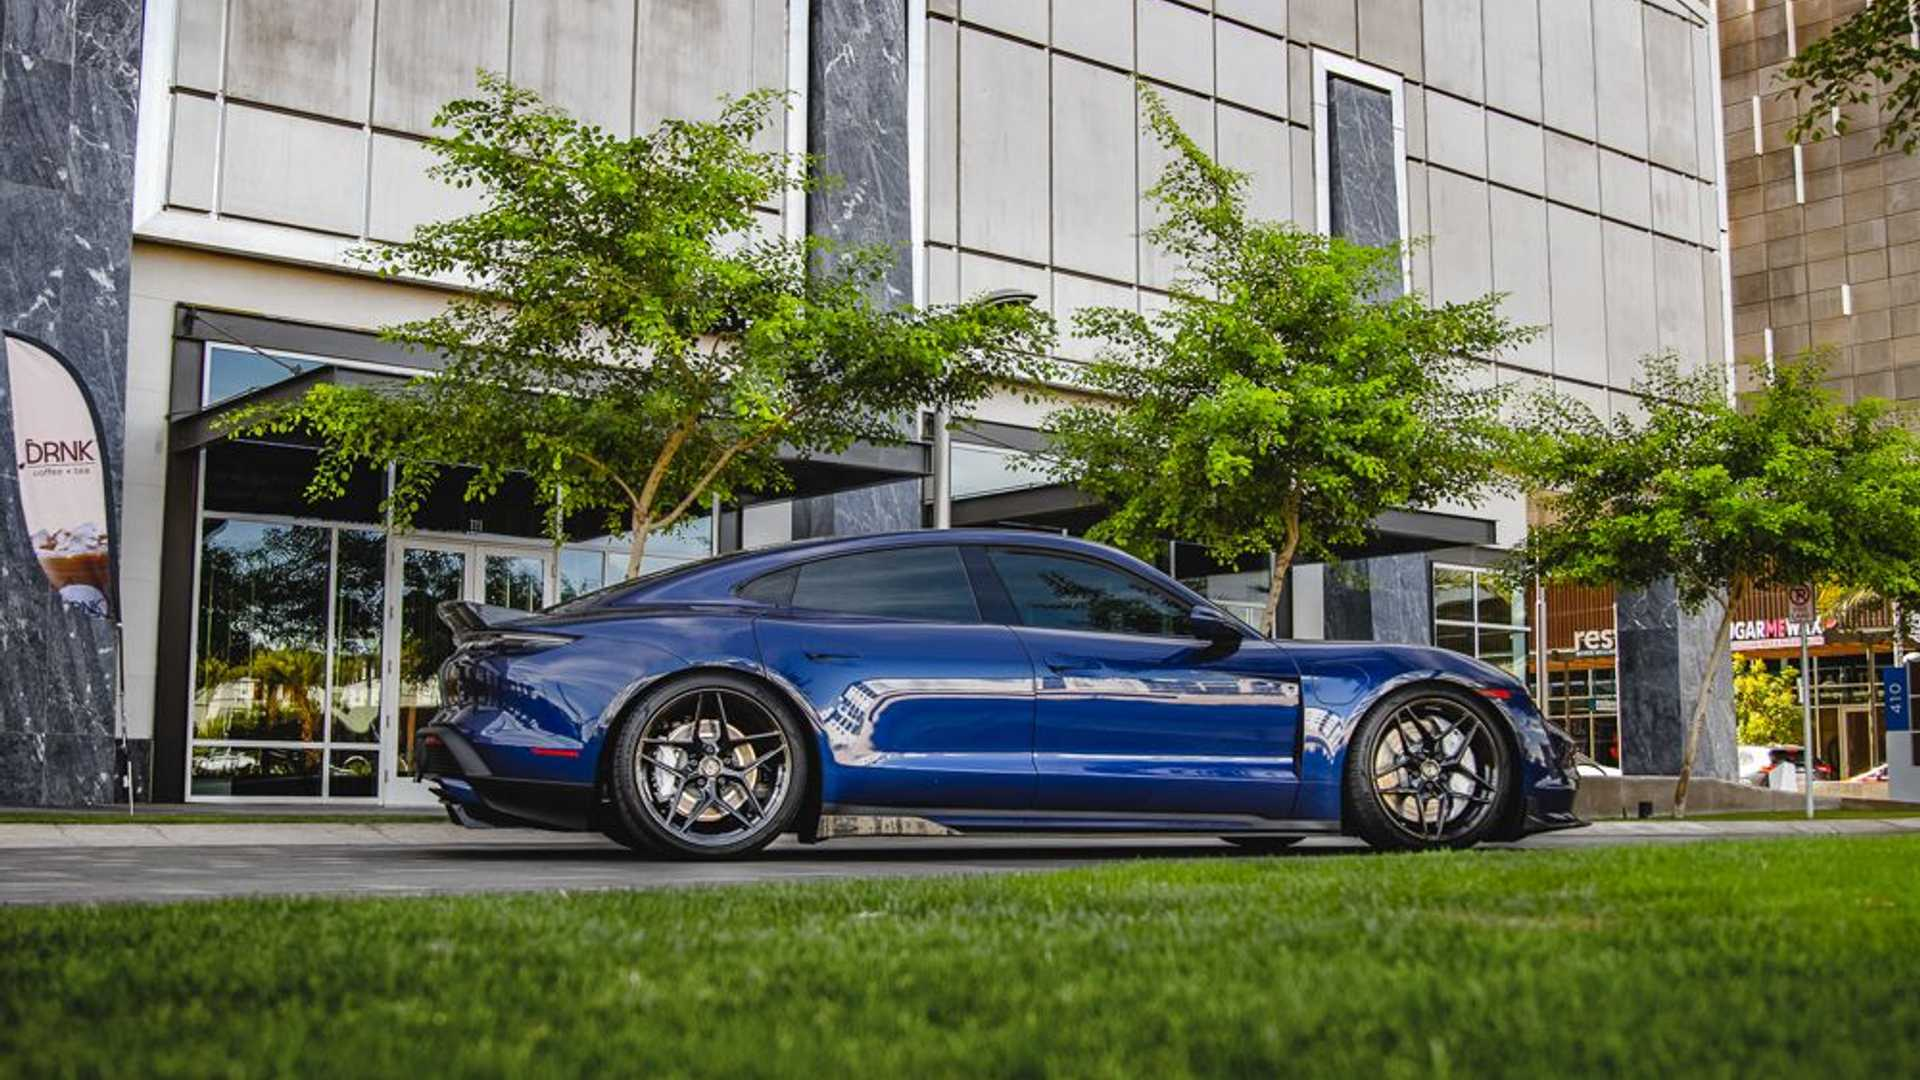 Porsche-Taycan-by-Vivid-Racing-21